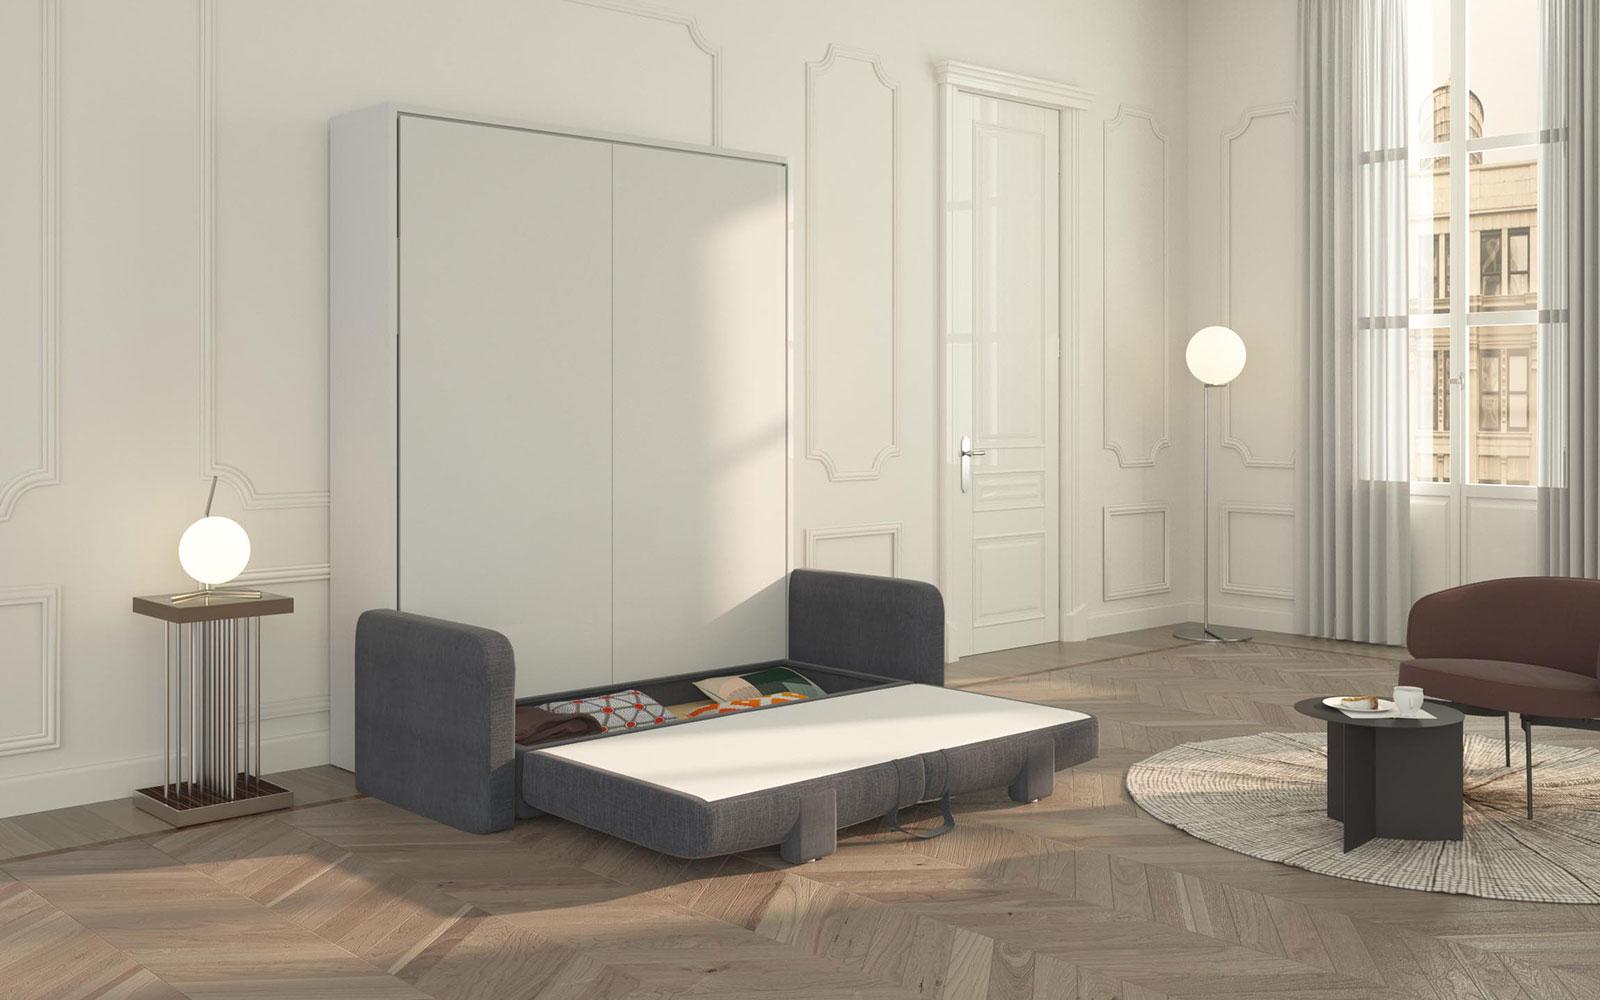 Mobile Contenitore Letto.Piuma Sofa 160 Mobile Letto Con Divano Contenitore Matrimoniale Big